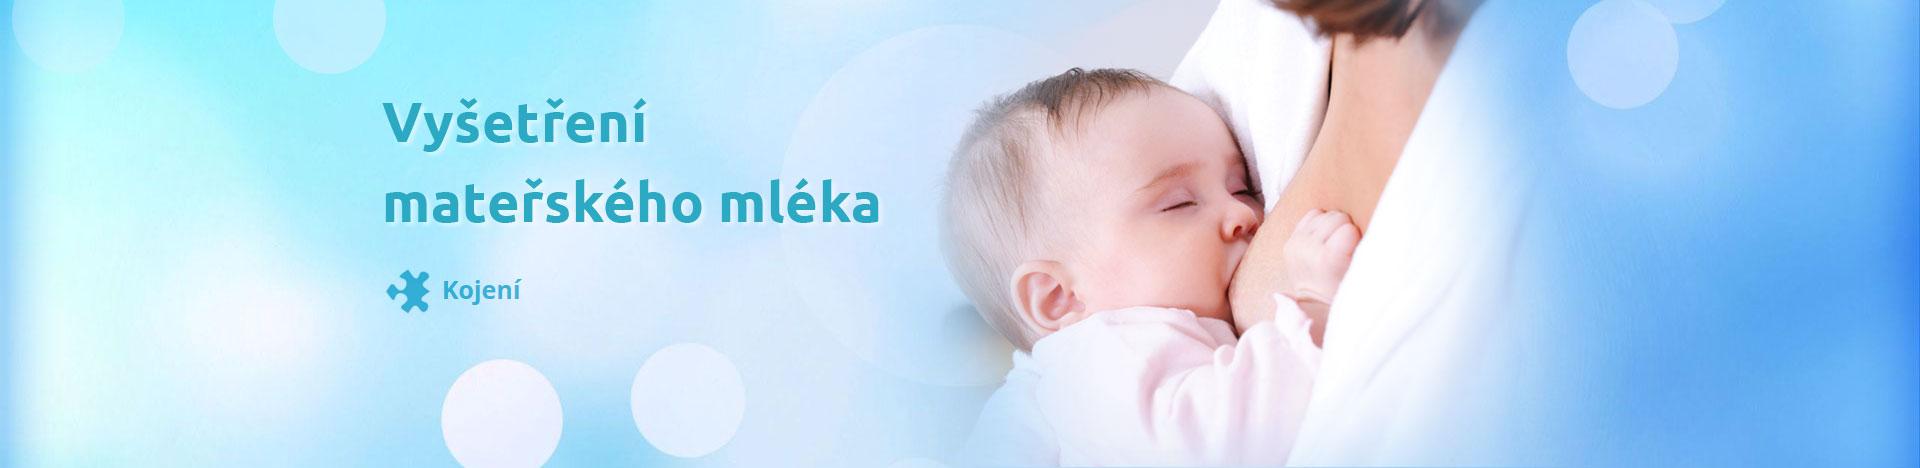 Zdravý kojenec | Kojení a vyšetření mateřského mléka